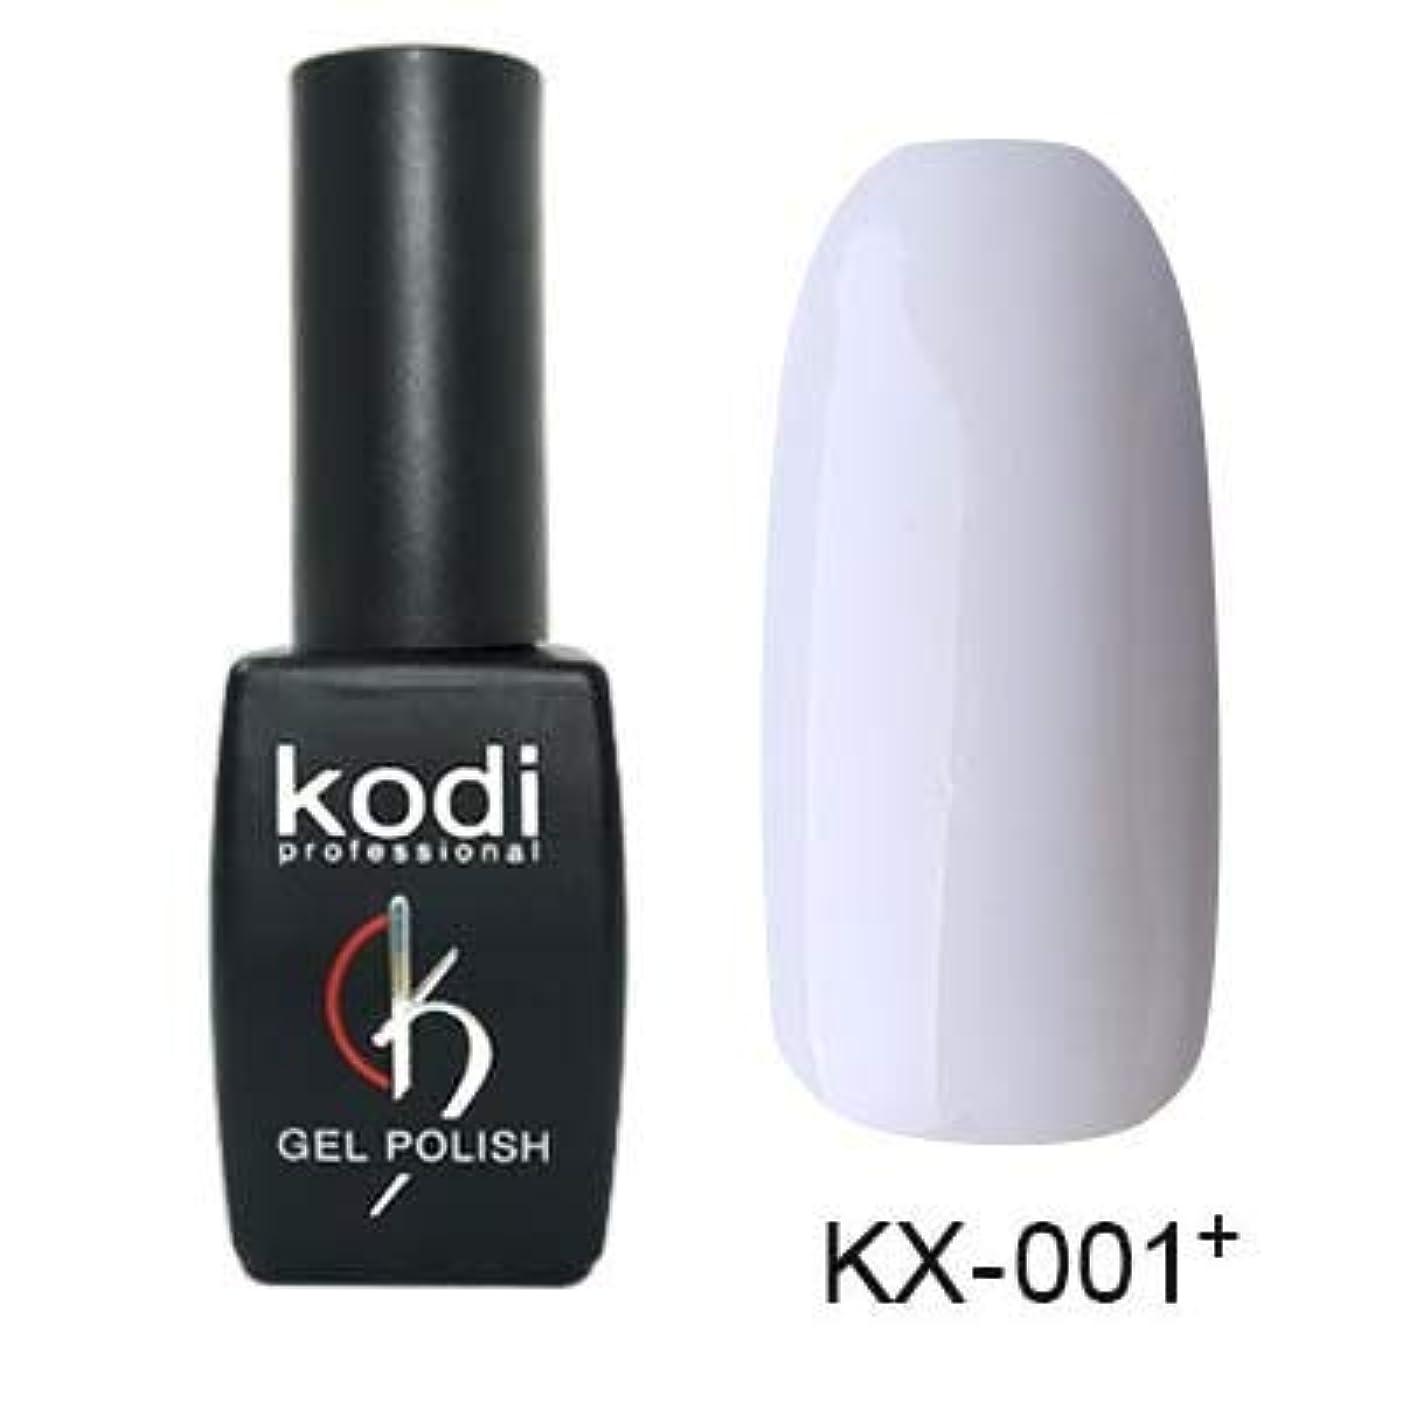 Generic Kodi Gel Lak Nail Polish Art Rubber Base Lacquer Unhas De Vernis Esmaltes Permanentes LED UV Nails 8ml Glaze Varnish Gelpolish Color Nail Polish-001